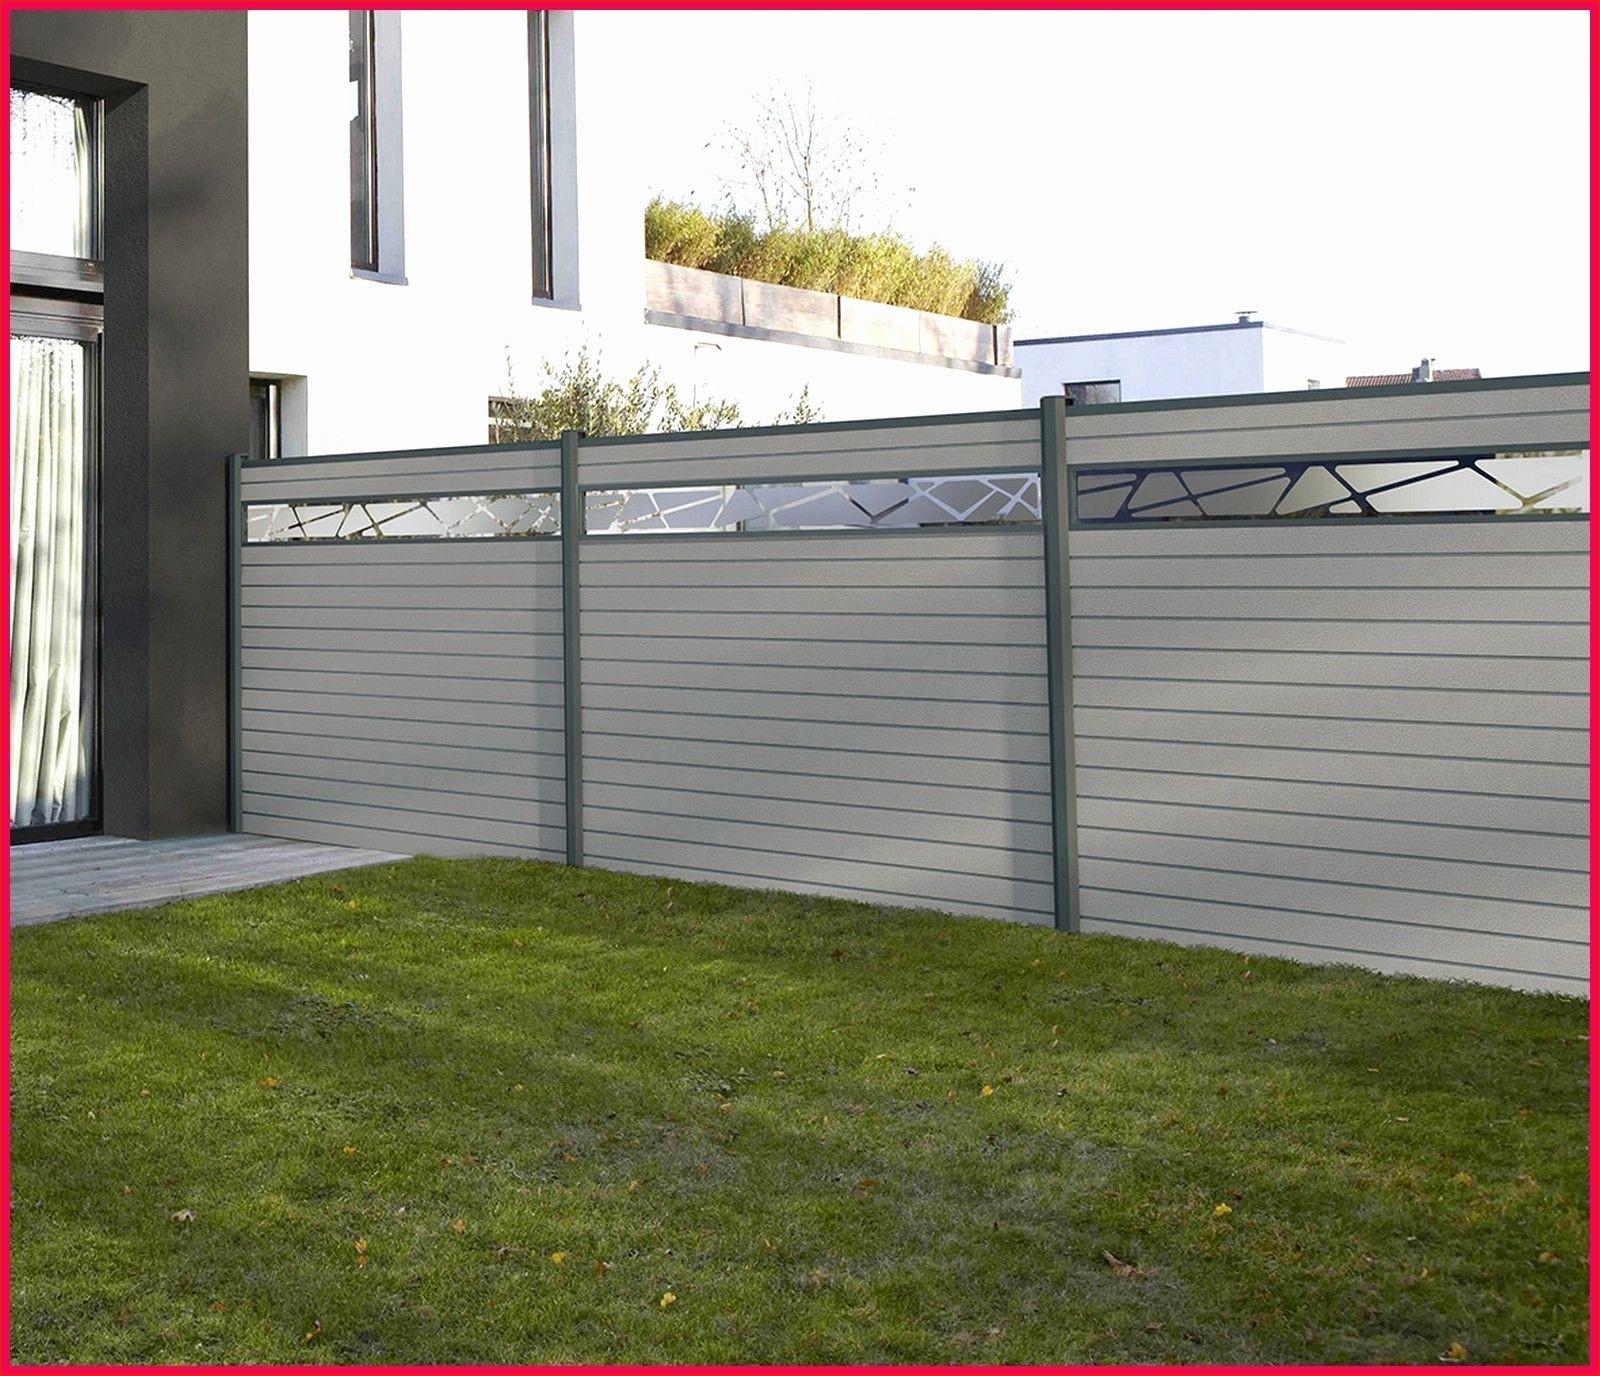 cloture en posite brico depot cloture en plastique pour jardin avec cloture pvc blanc of cloture en posite brico depot